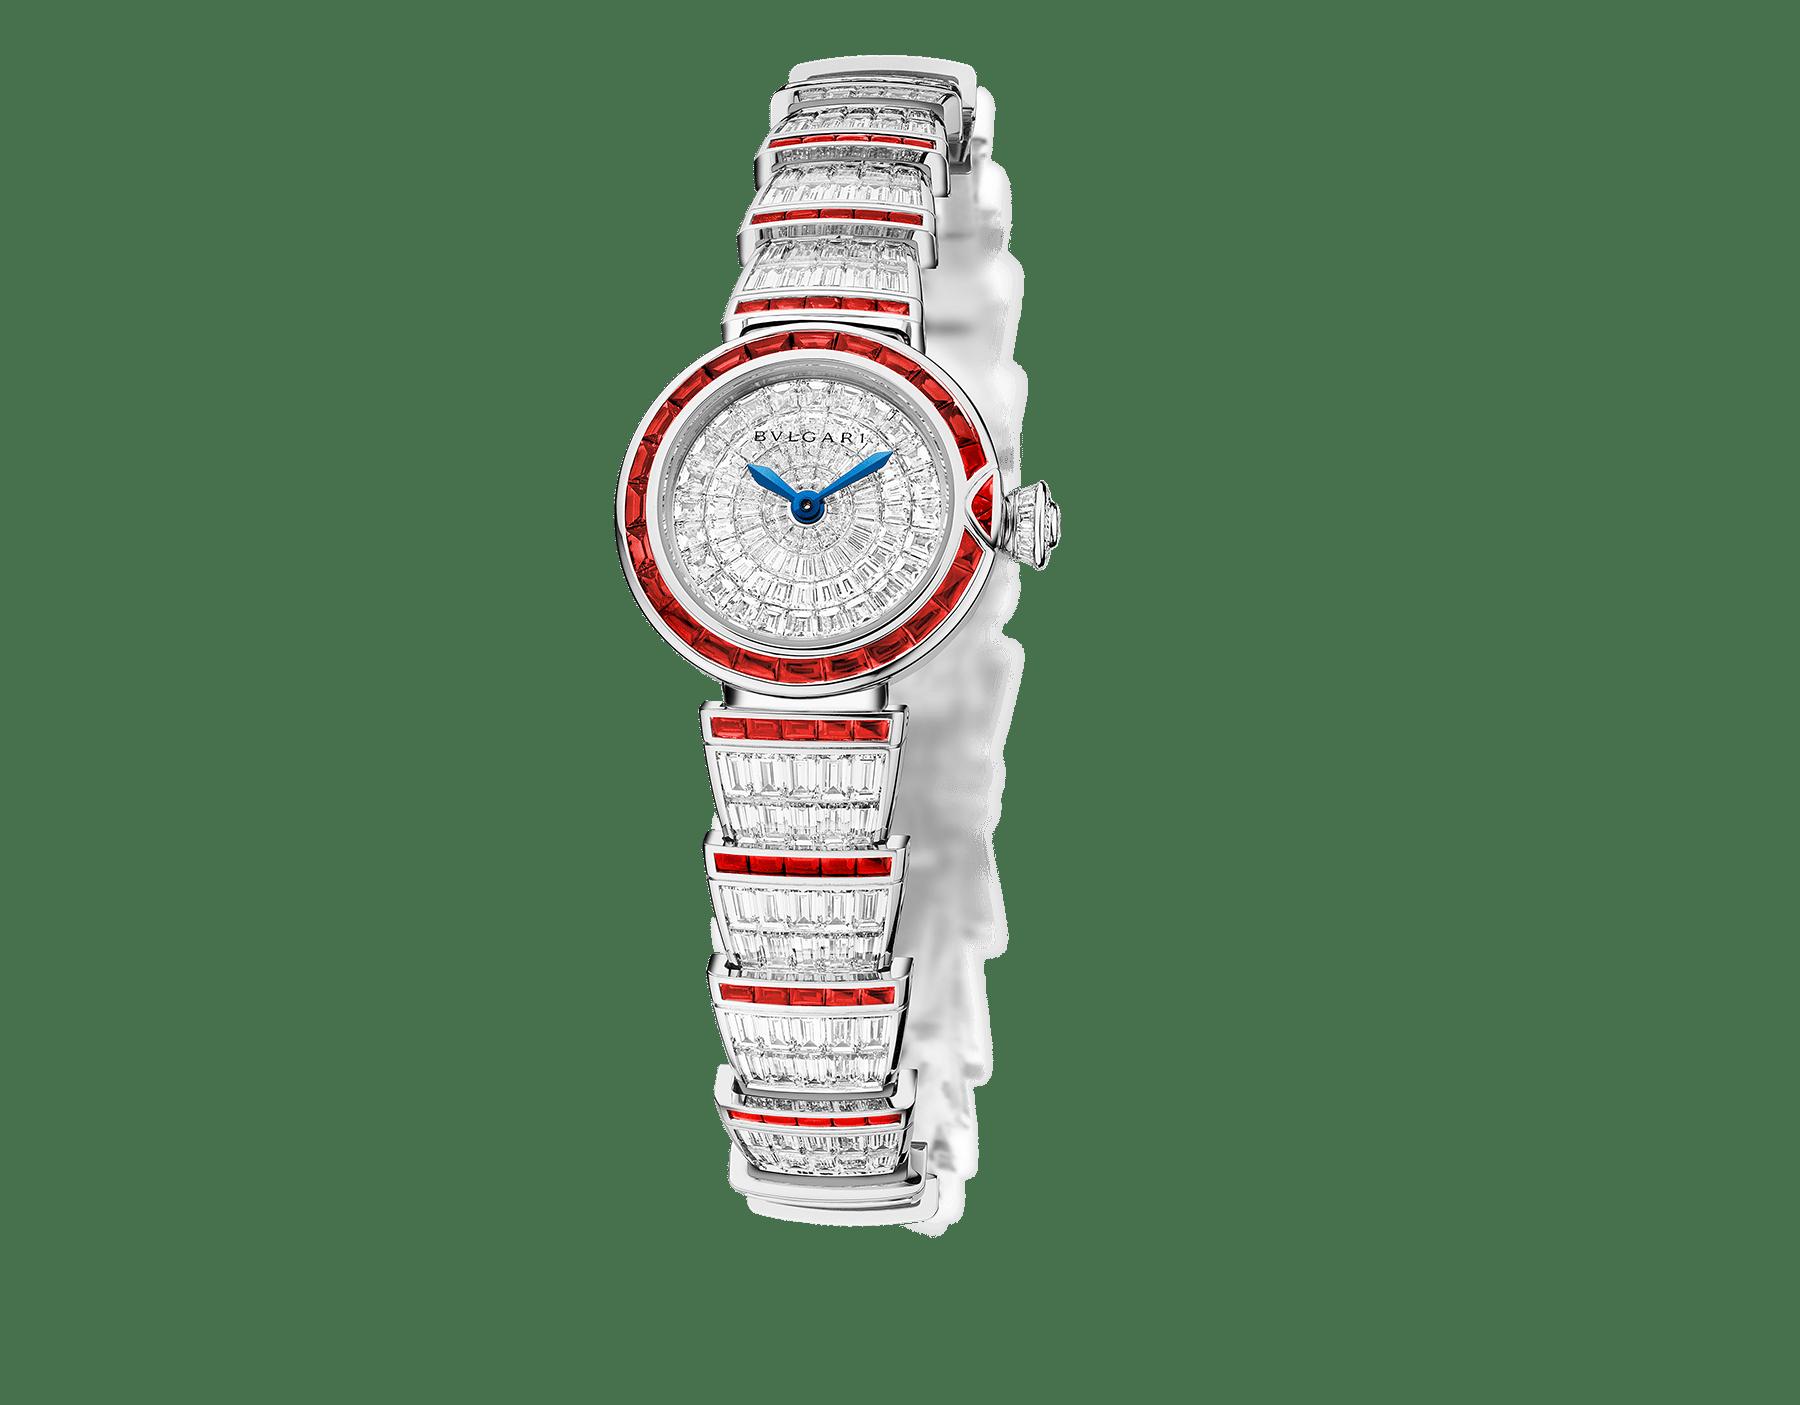 LVCEA Uhr mit Gehäuse und Armband aus 18 Karat Weißgold mit Diamanten im Baguetteschliff und Rubinen sowie Zifferblatt voll ausgefasst mit Diamanten. 102464 image 1